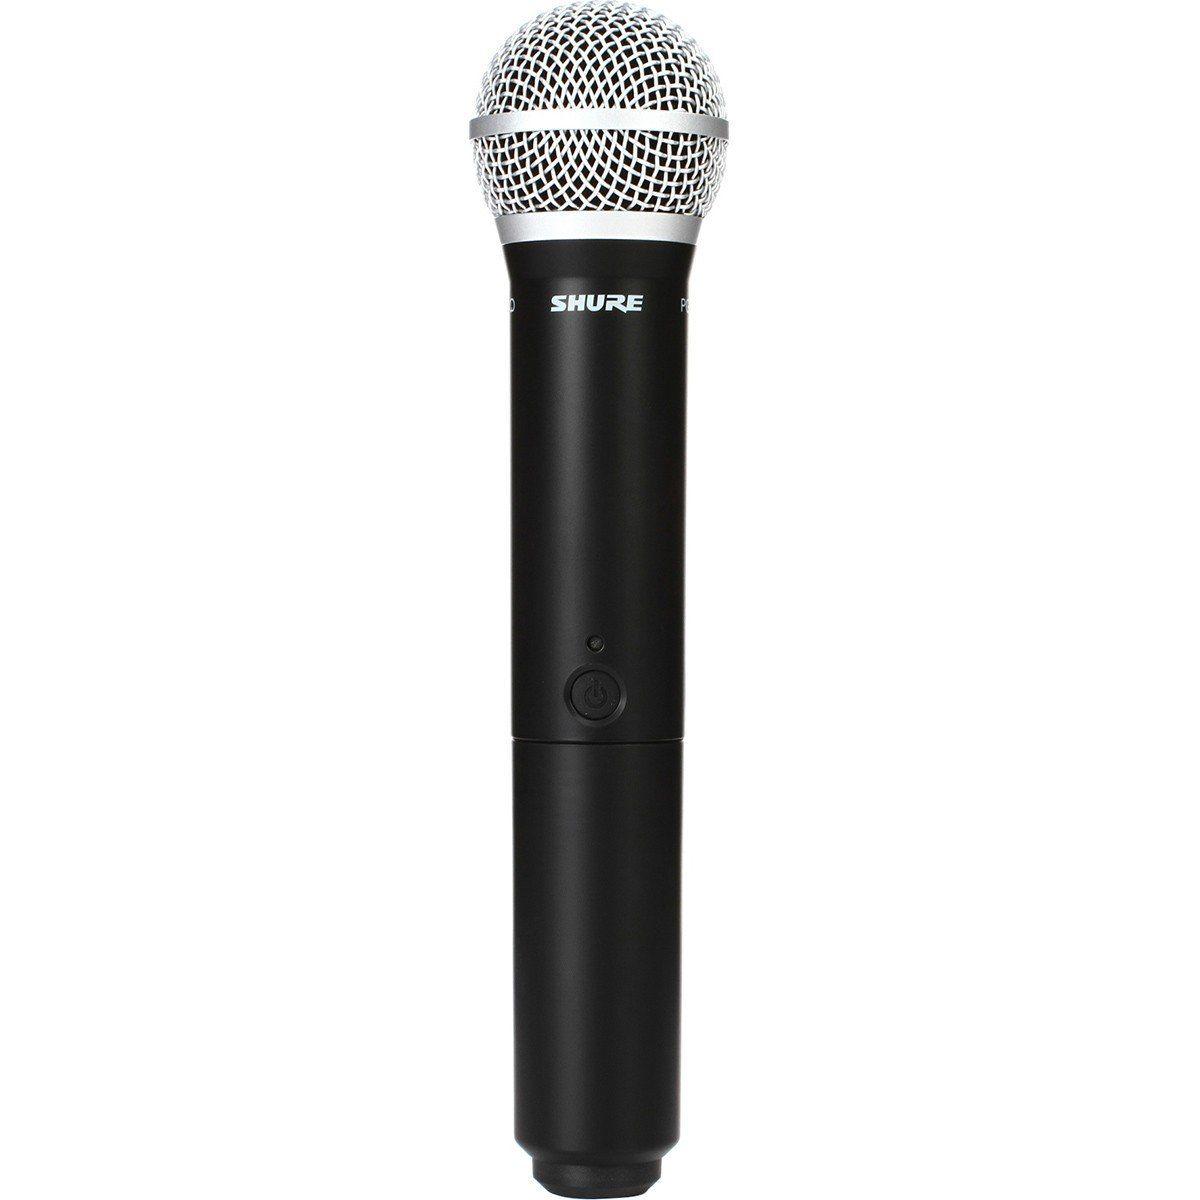 Shure BLX288/PG58 Microfone sem fio Shure BLX288-PG58 para Vocais e Performances